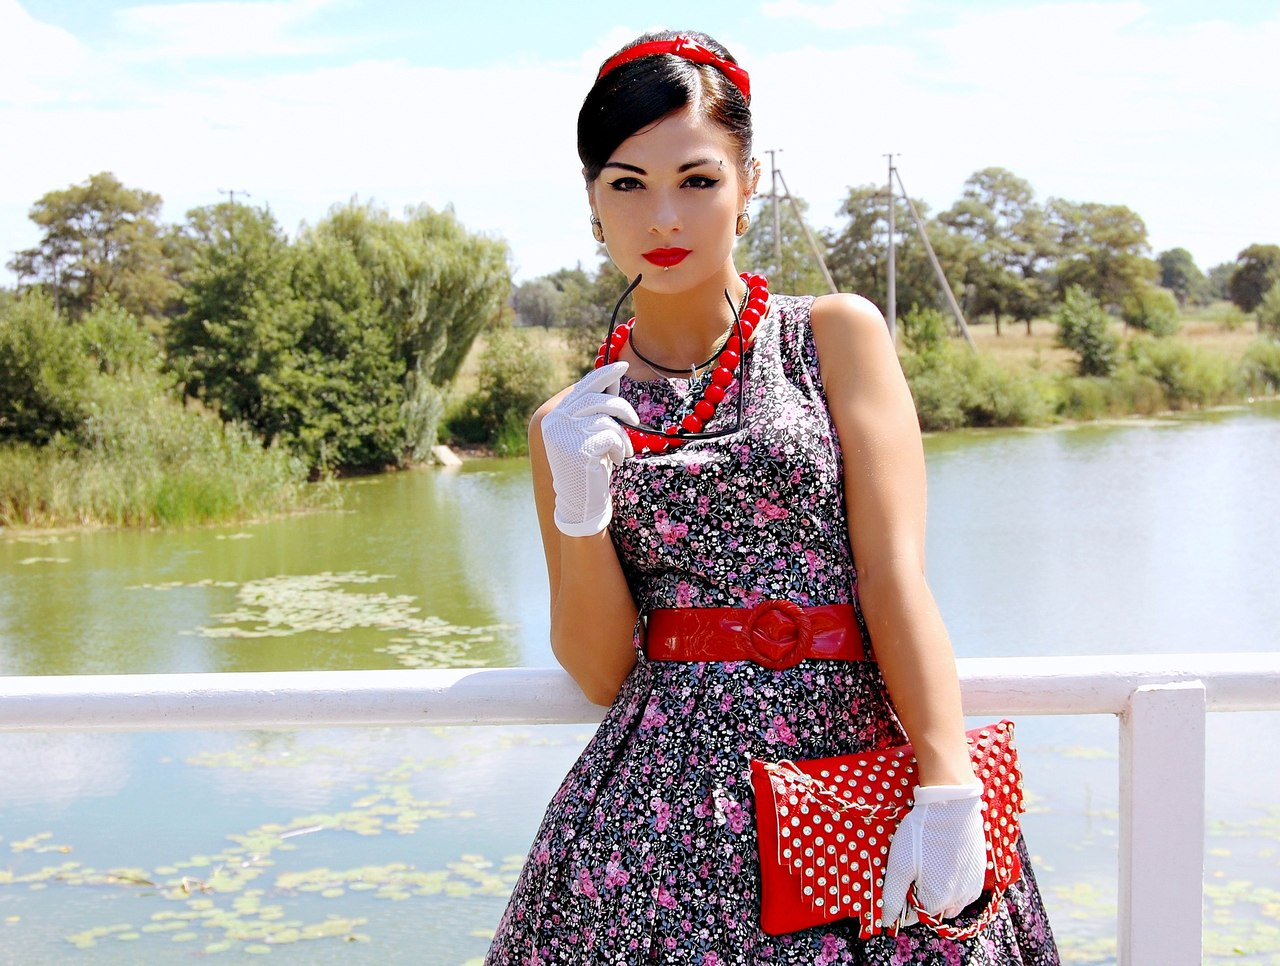 Одежда стиляги для девушки. Как одевались девушки стиляги